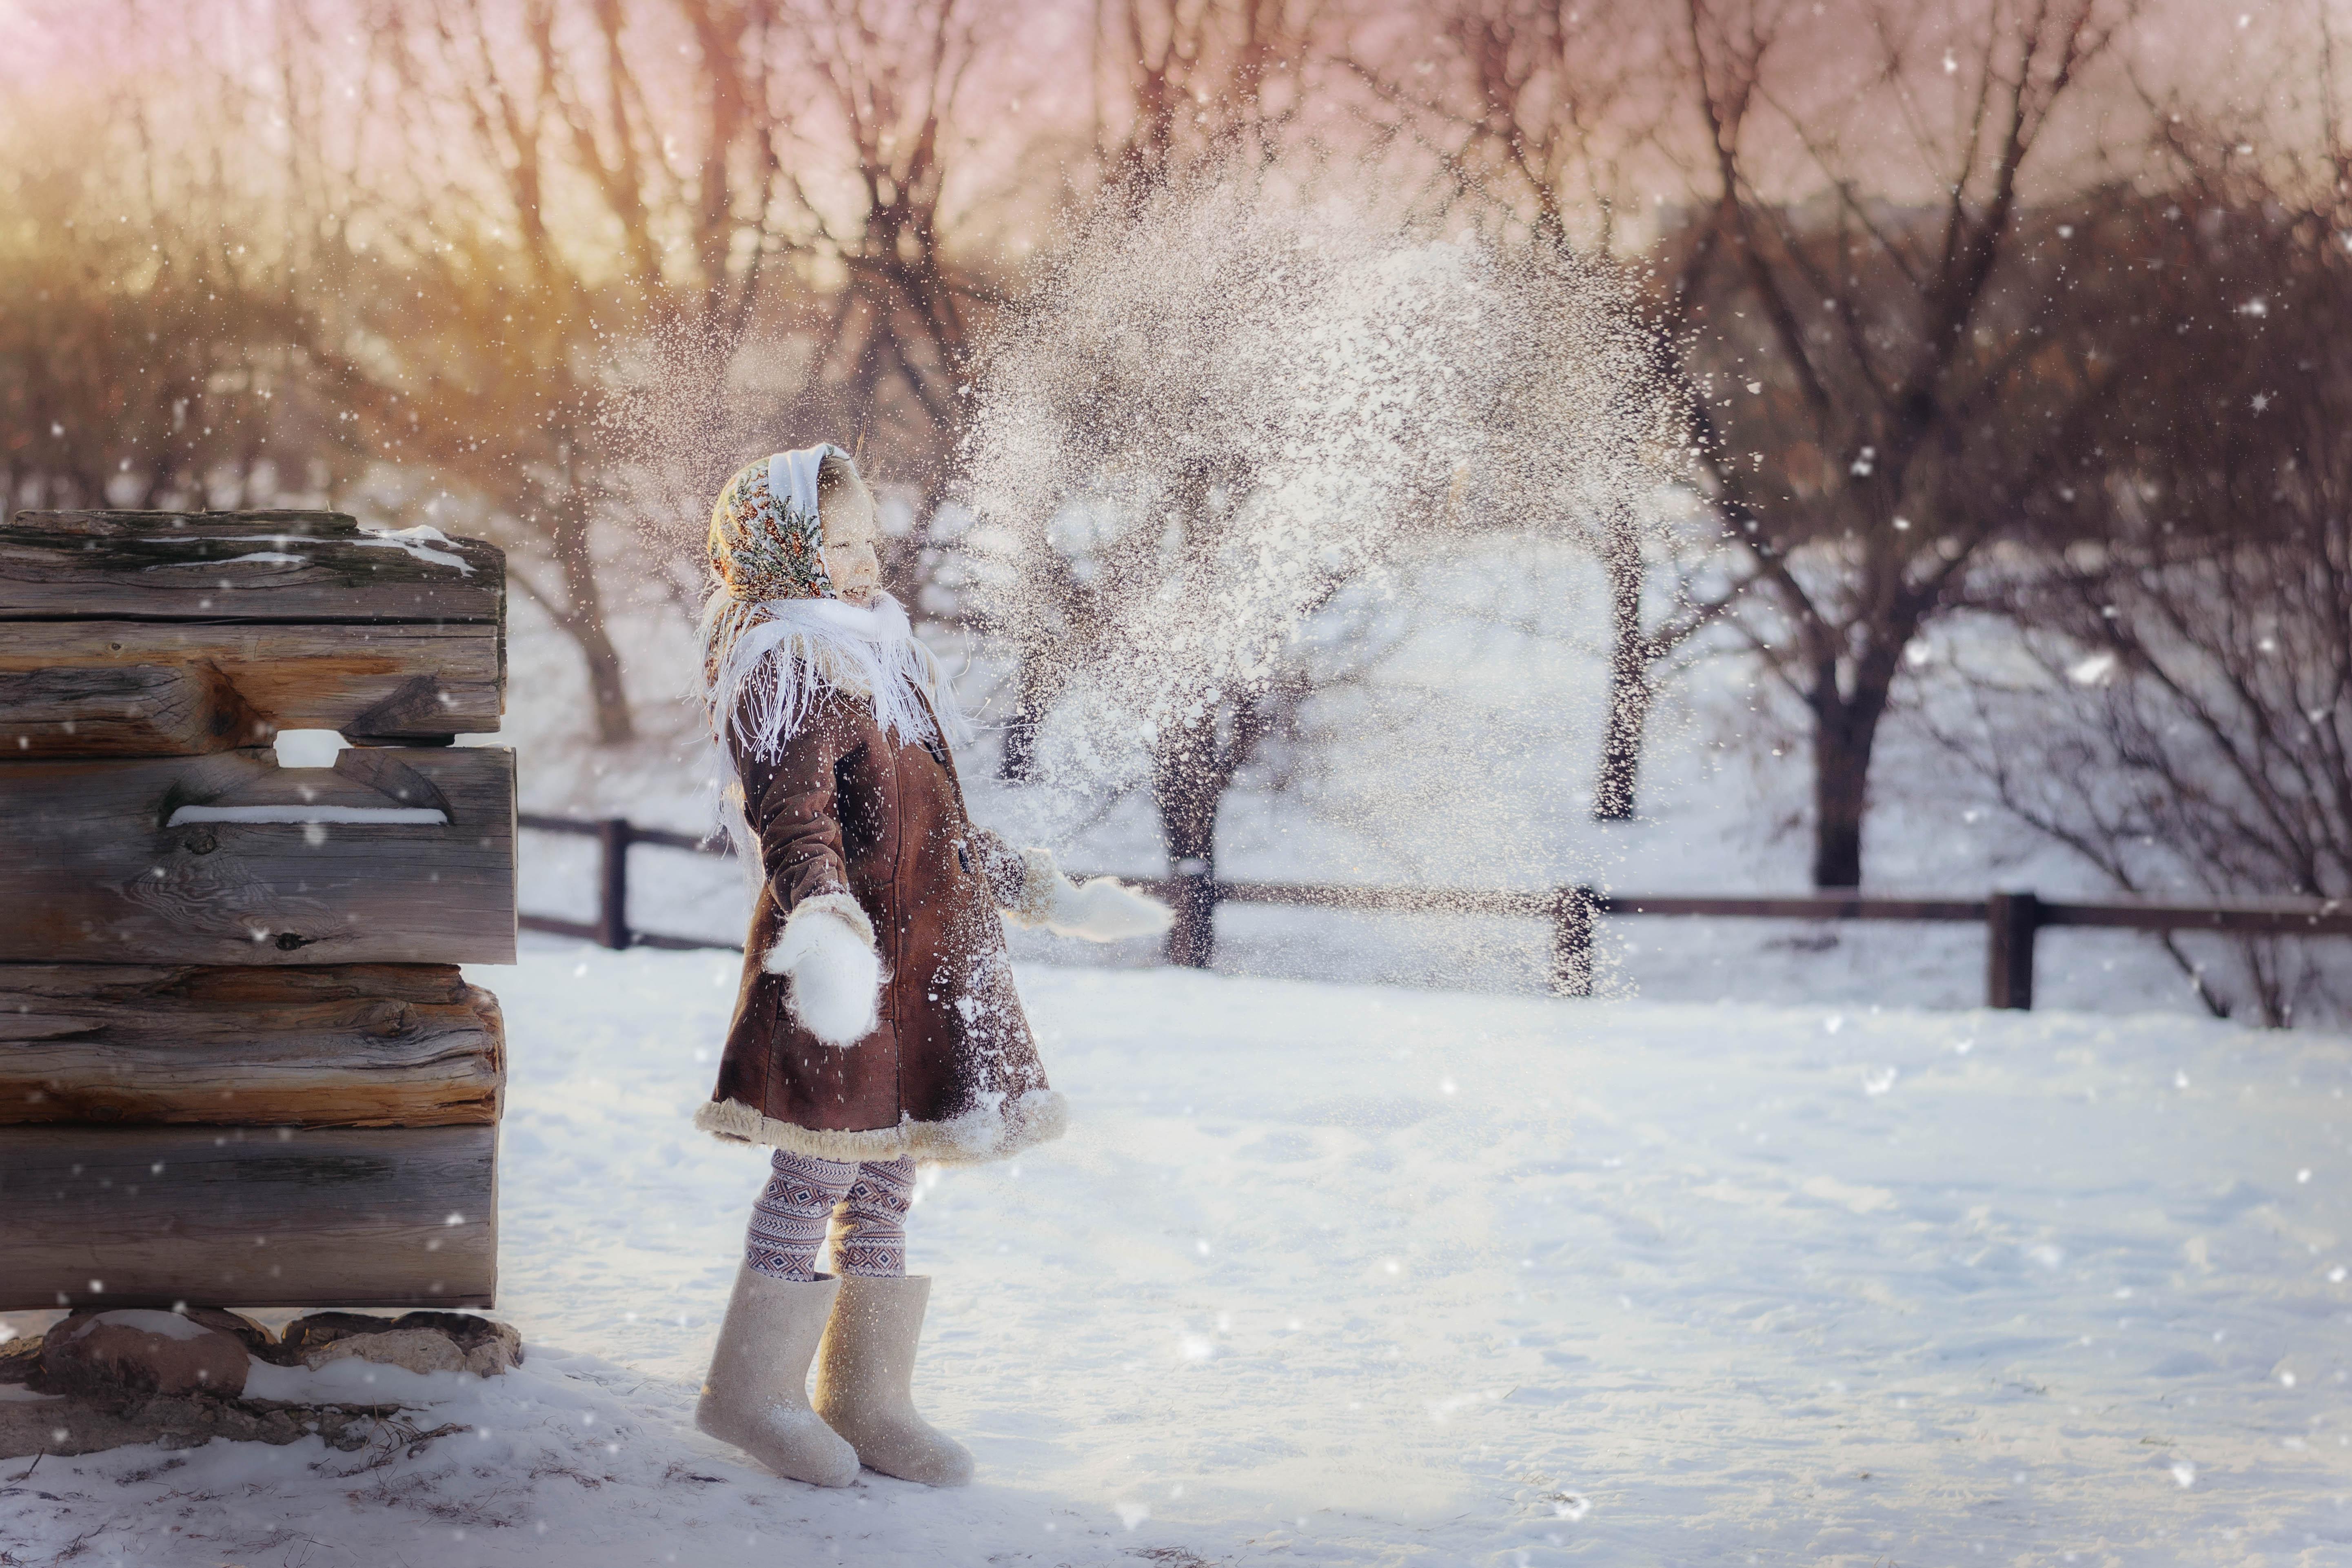 детство, дети, зима, снег, деревня, девочка, улыбка, смех, Марина Петра